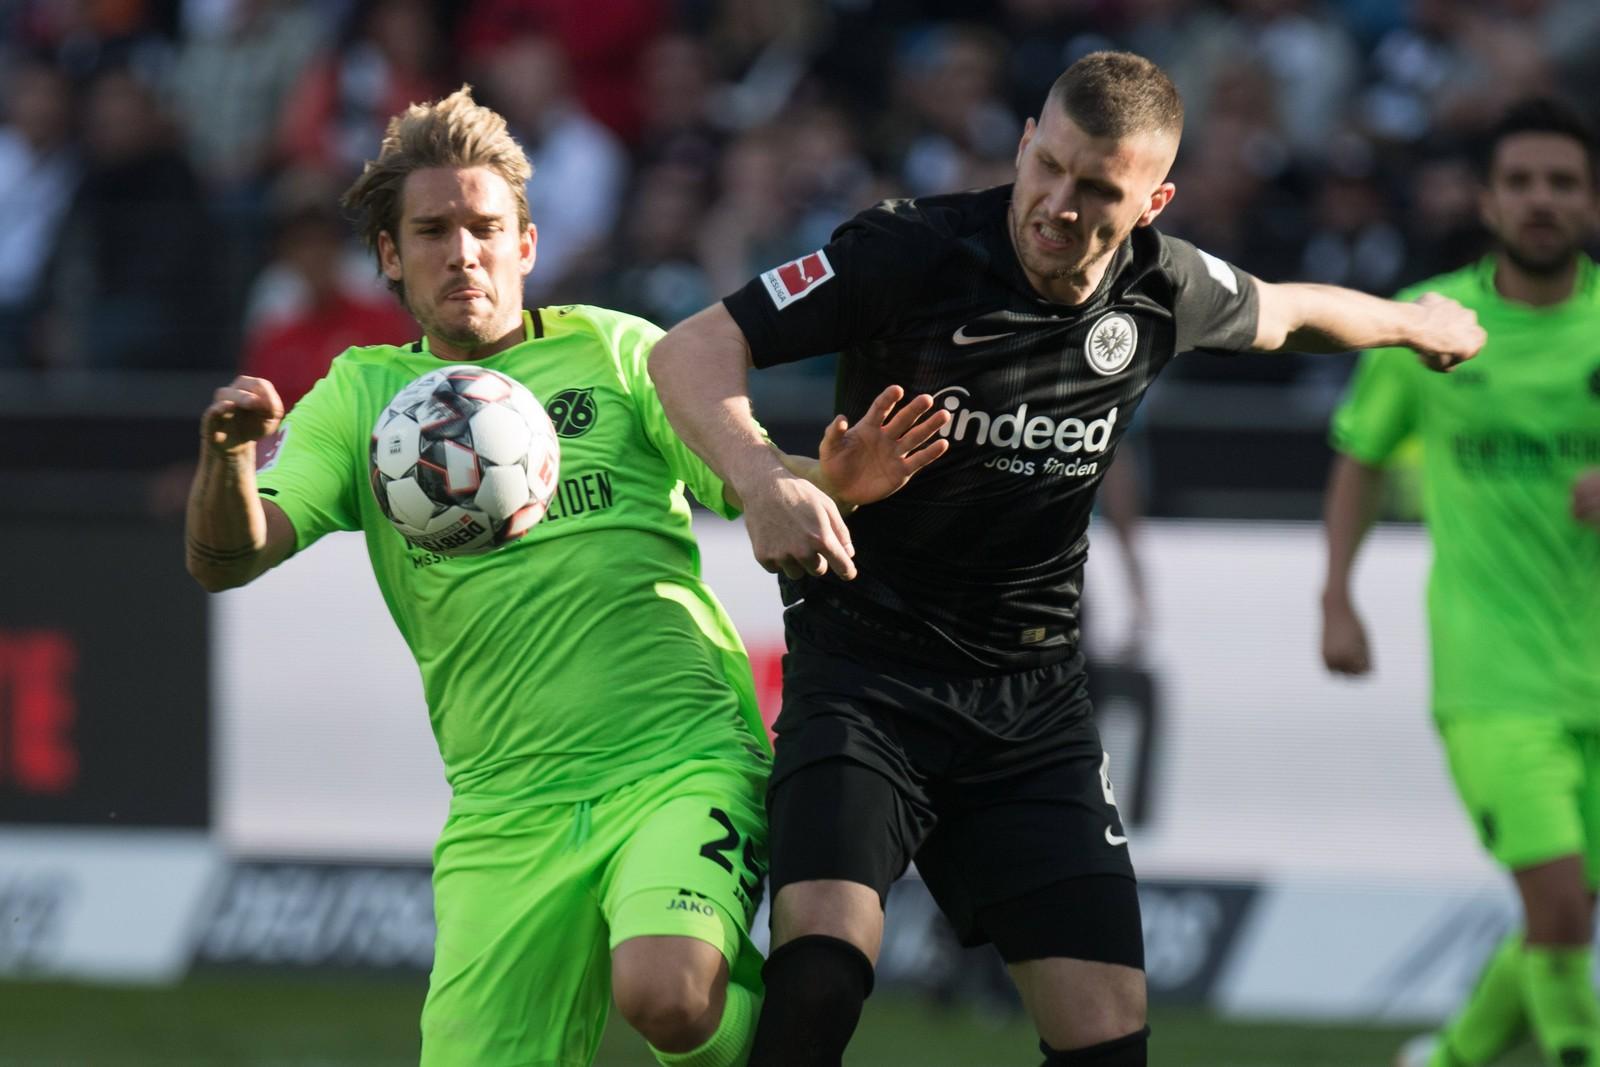 Trifft Ante Rebic auch gegen Hannover? jetzt auf Hannover gegen Frankfurt wetten!